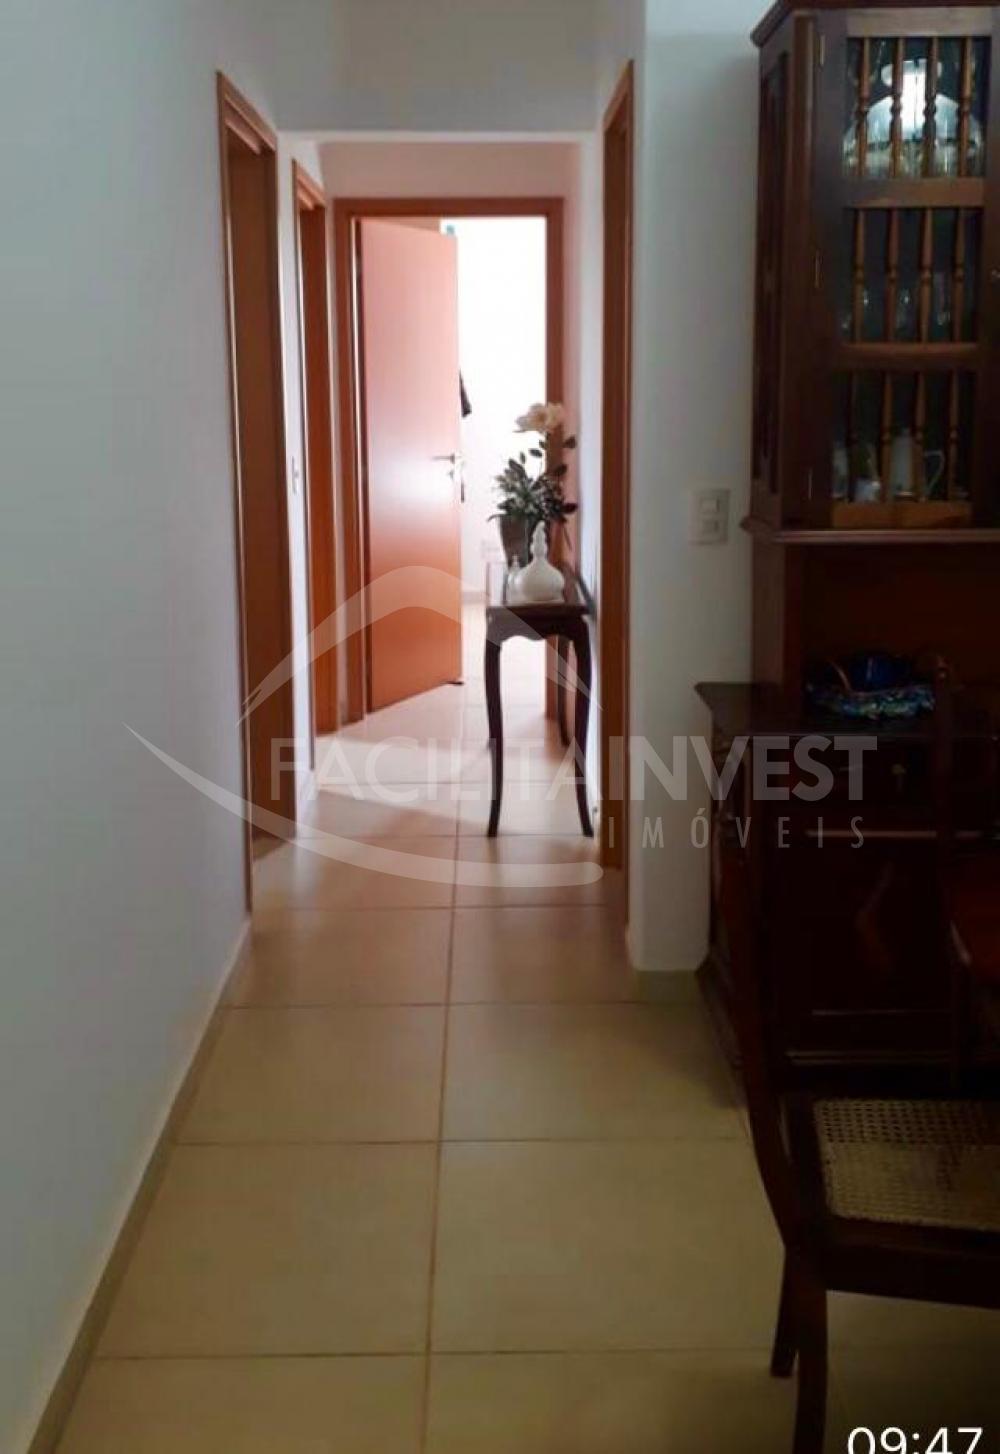 Comprar Apartamentos / Apart. Padrão em Ribeirão Preto apenas R$ 477.000,00 - Foto 8